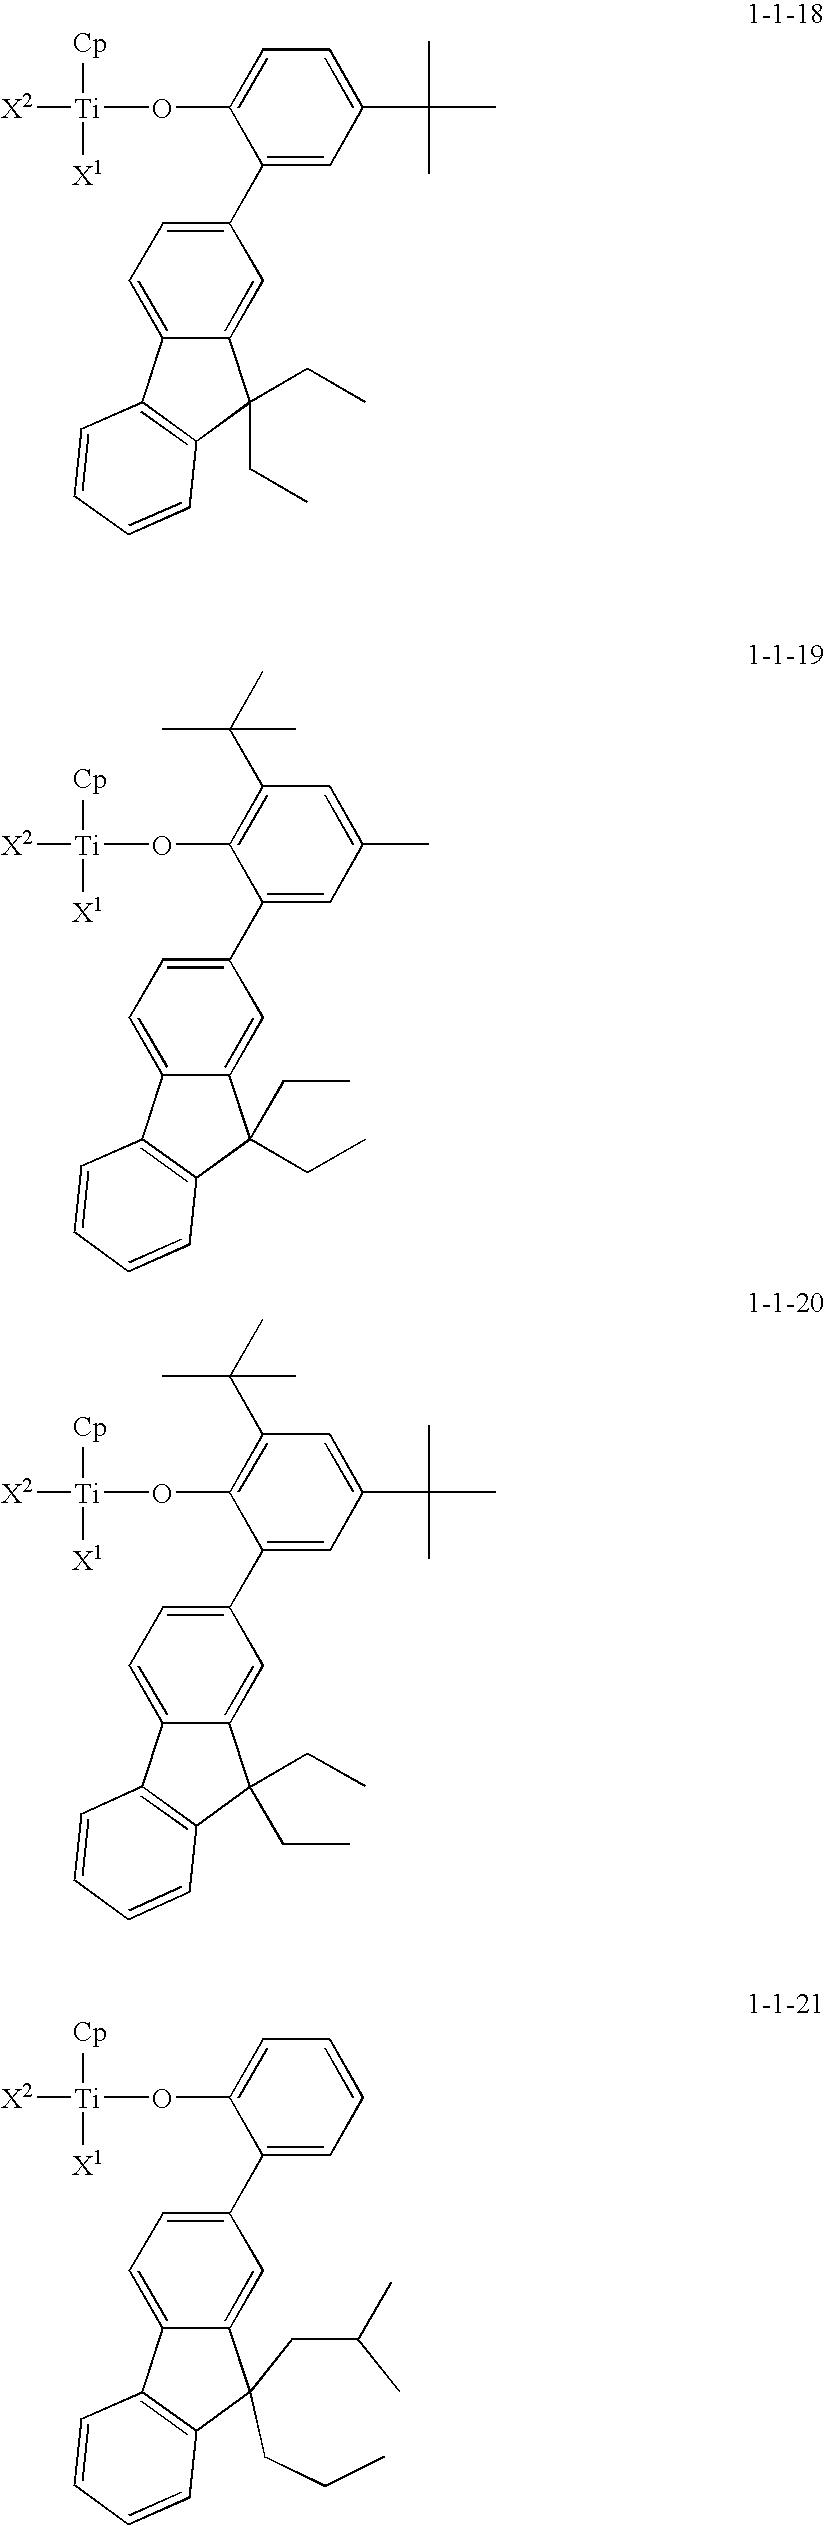 Figure US20100081776A1-20100401-C00052